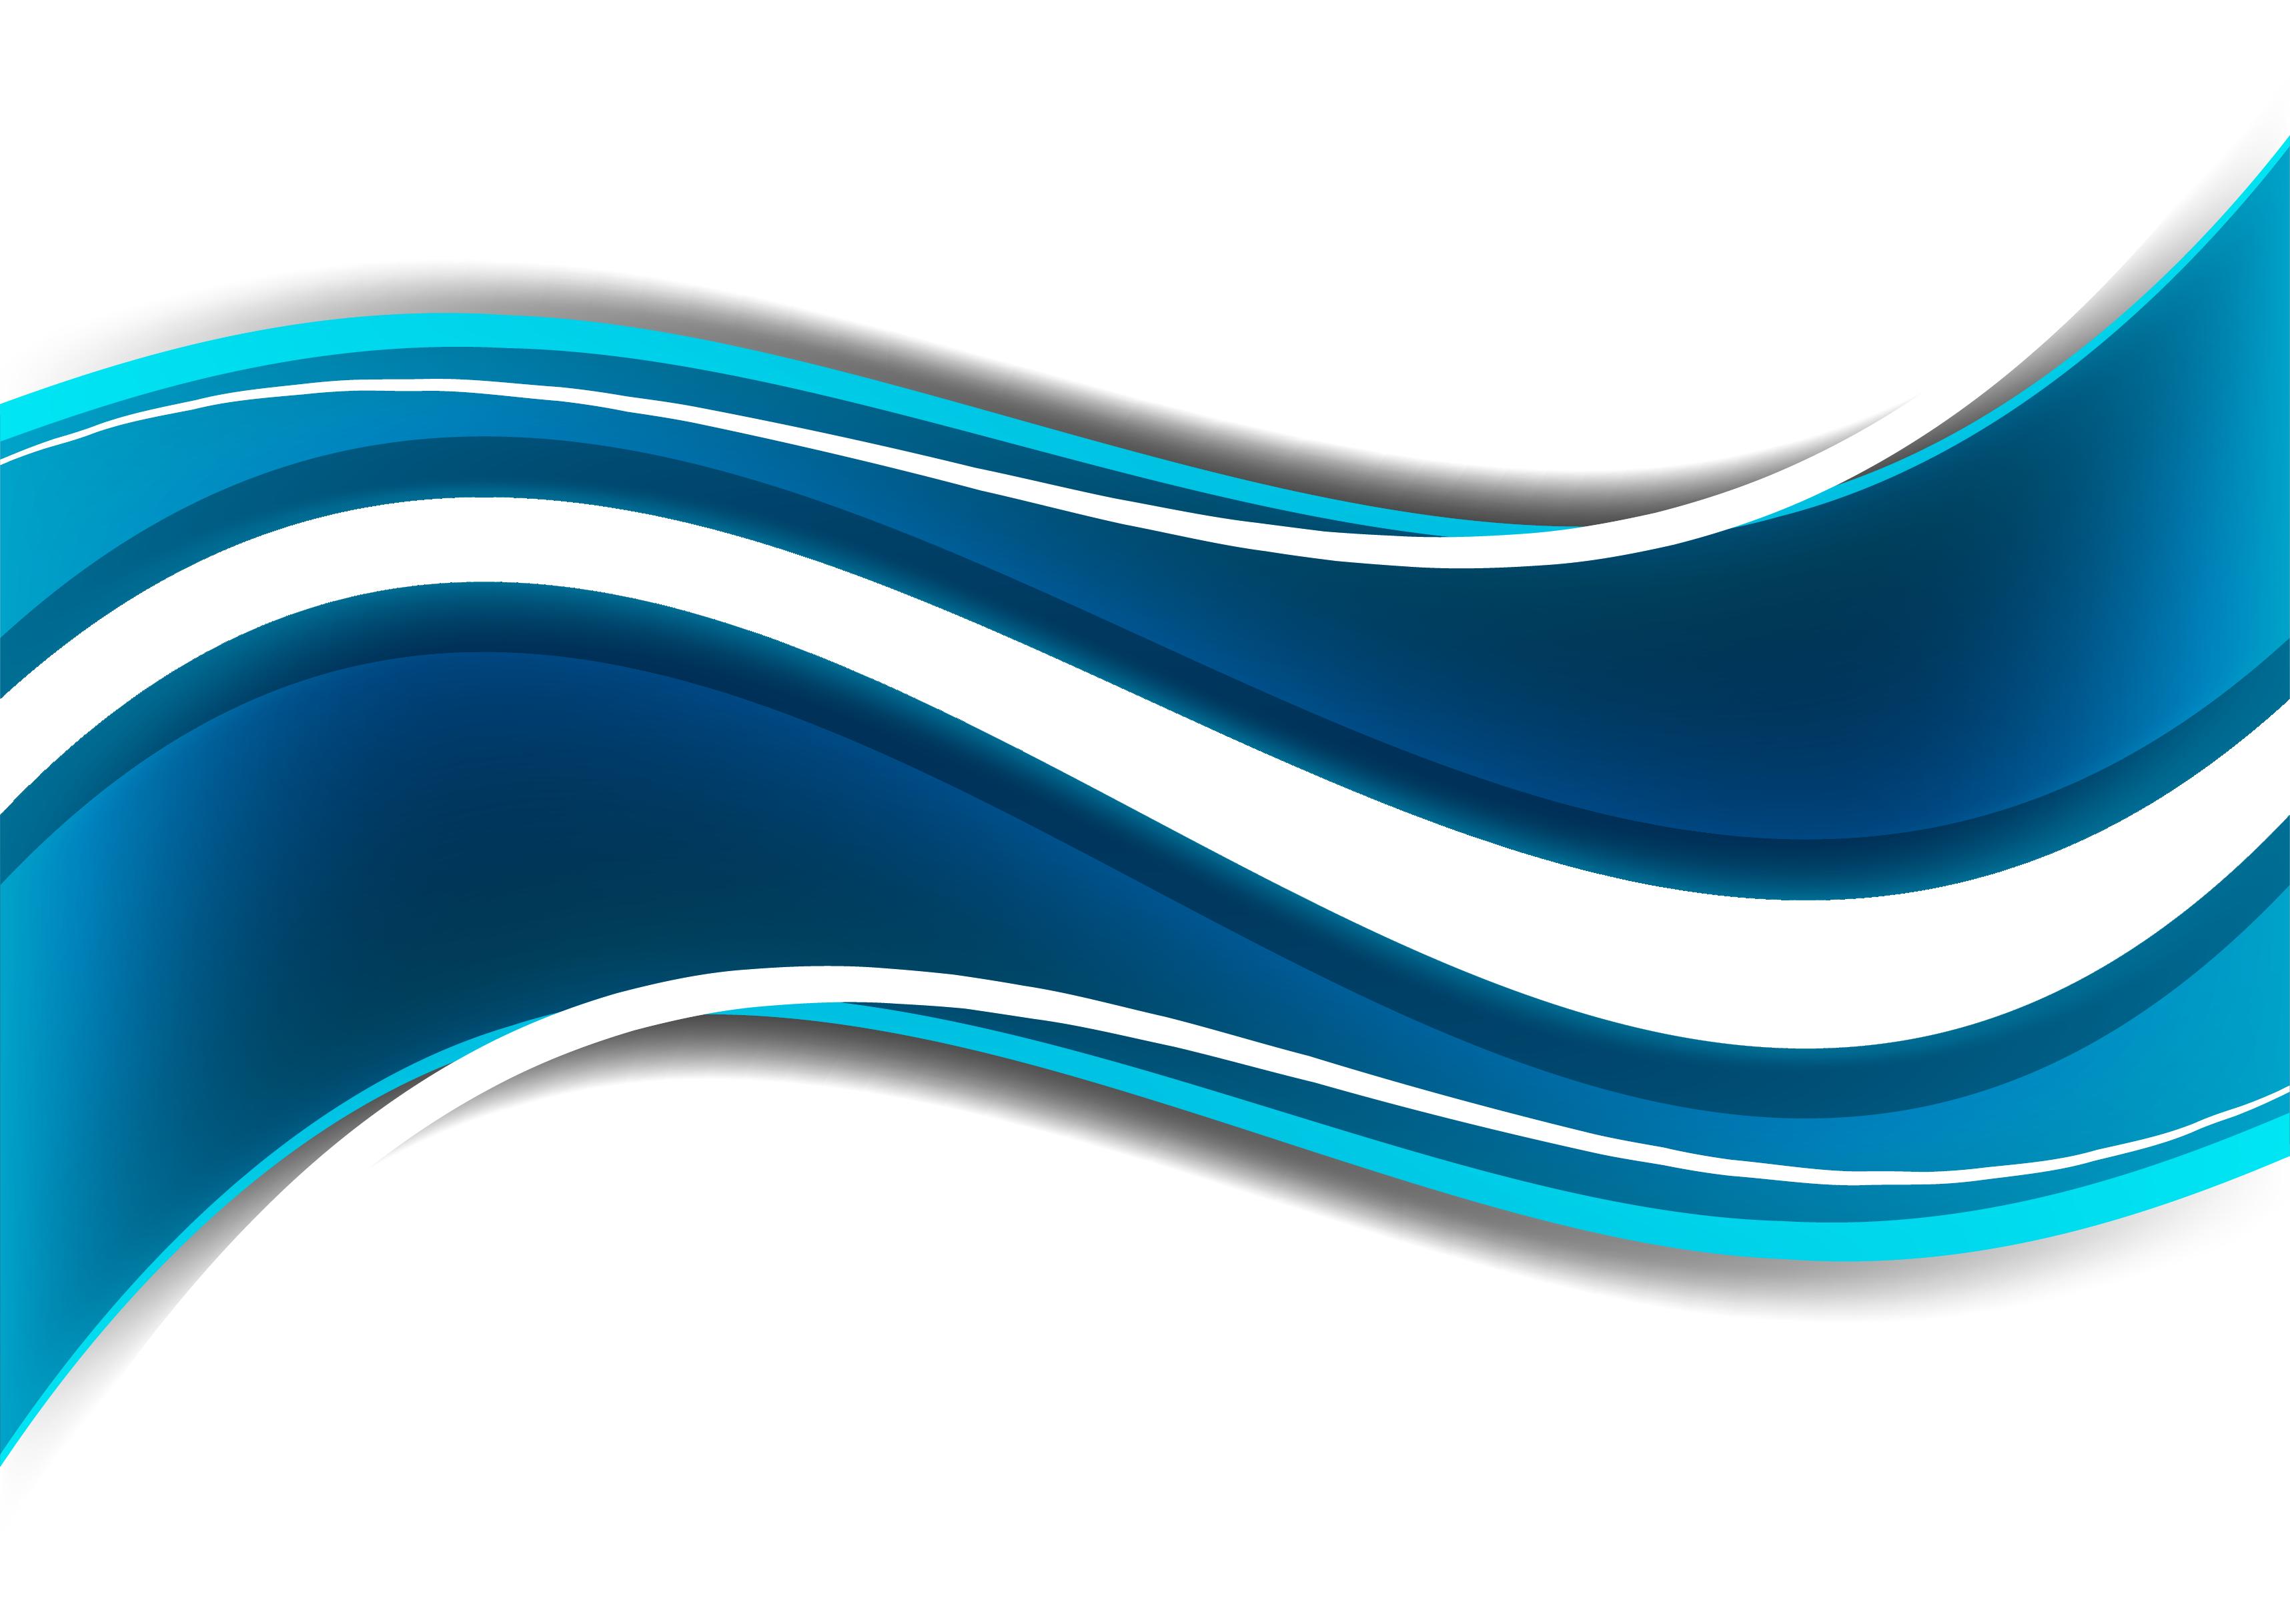 Waves clipart dark blue. Wind wave u df